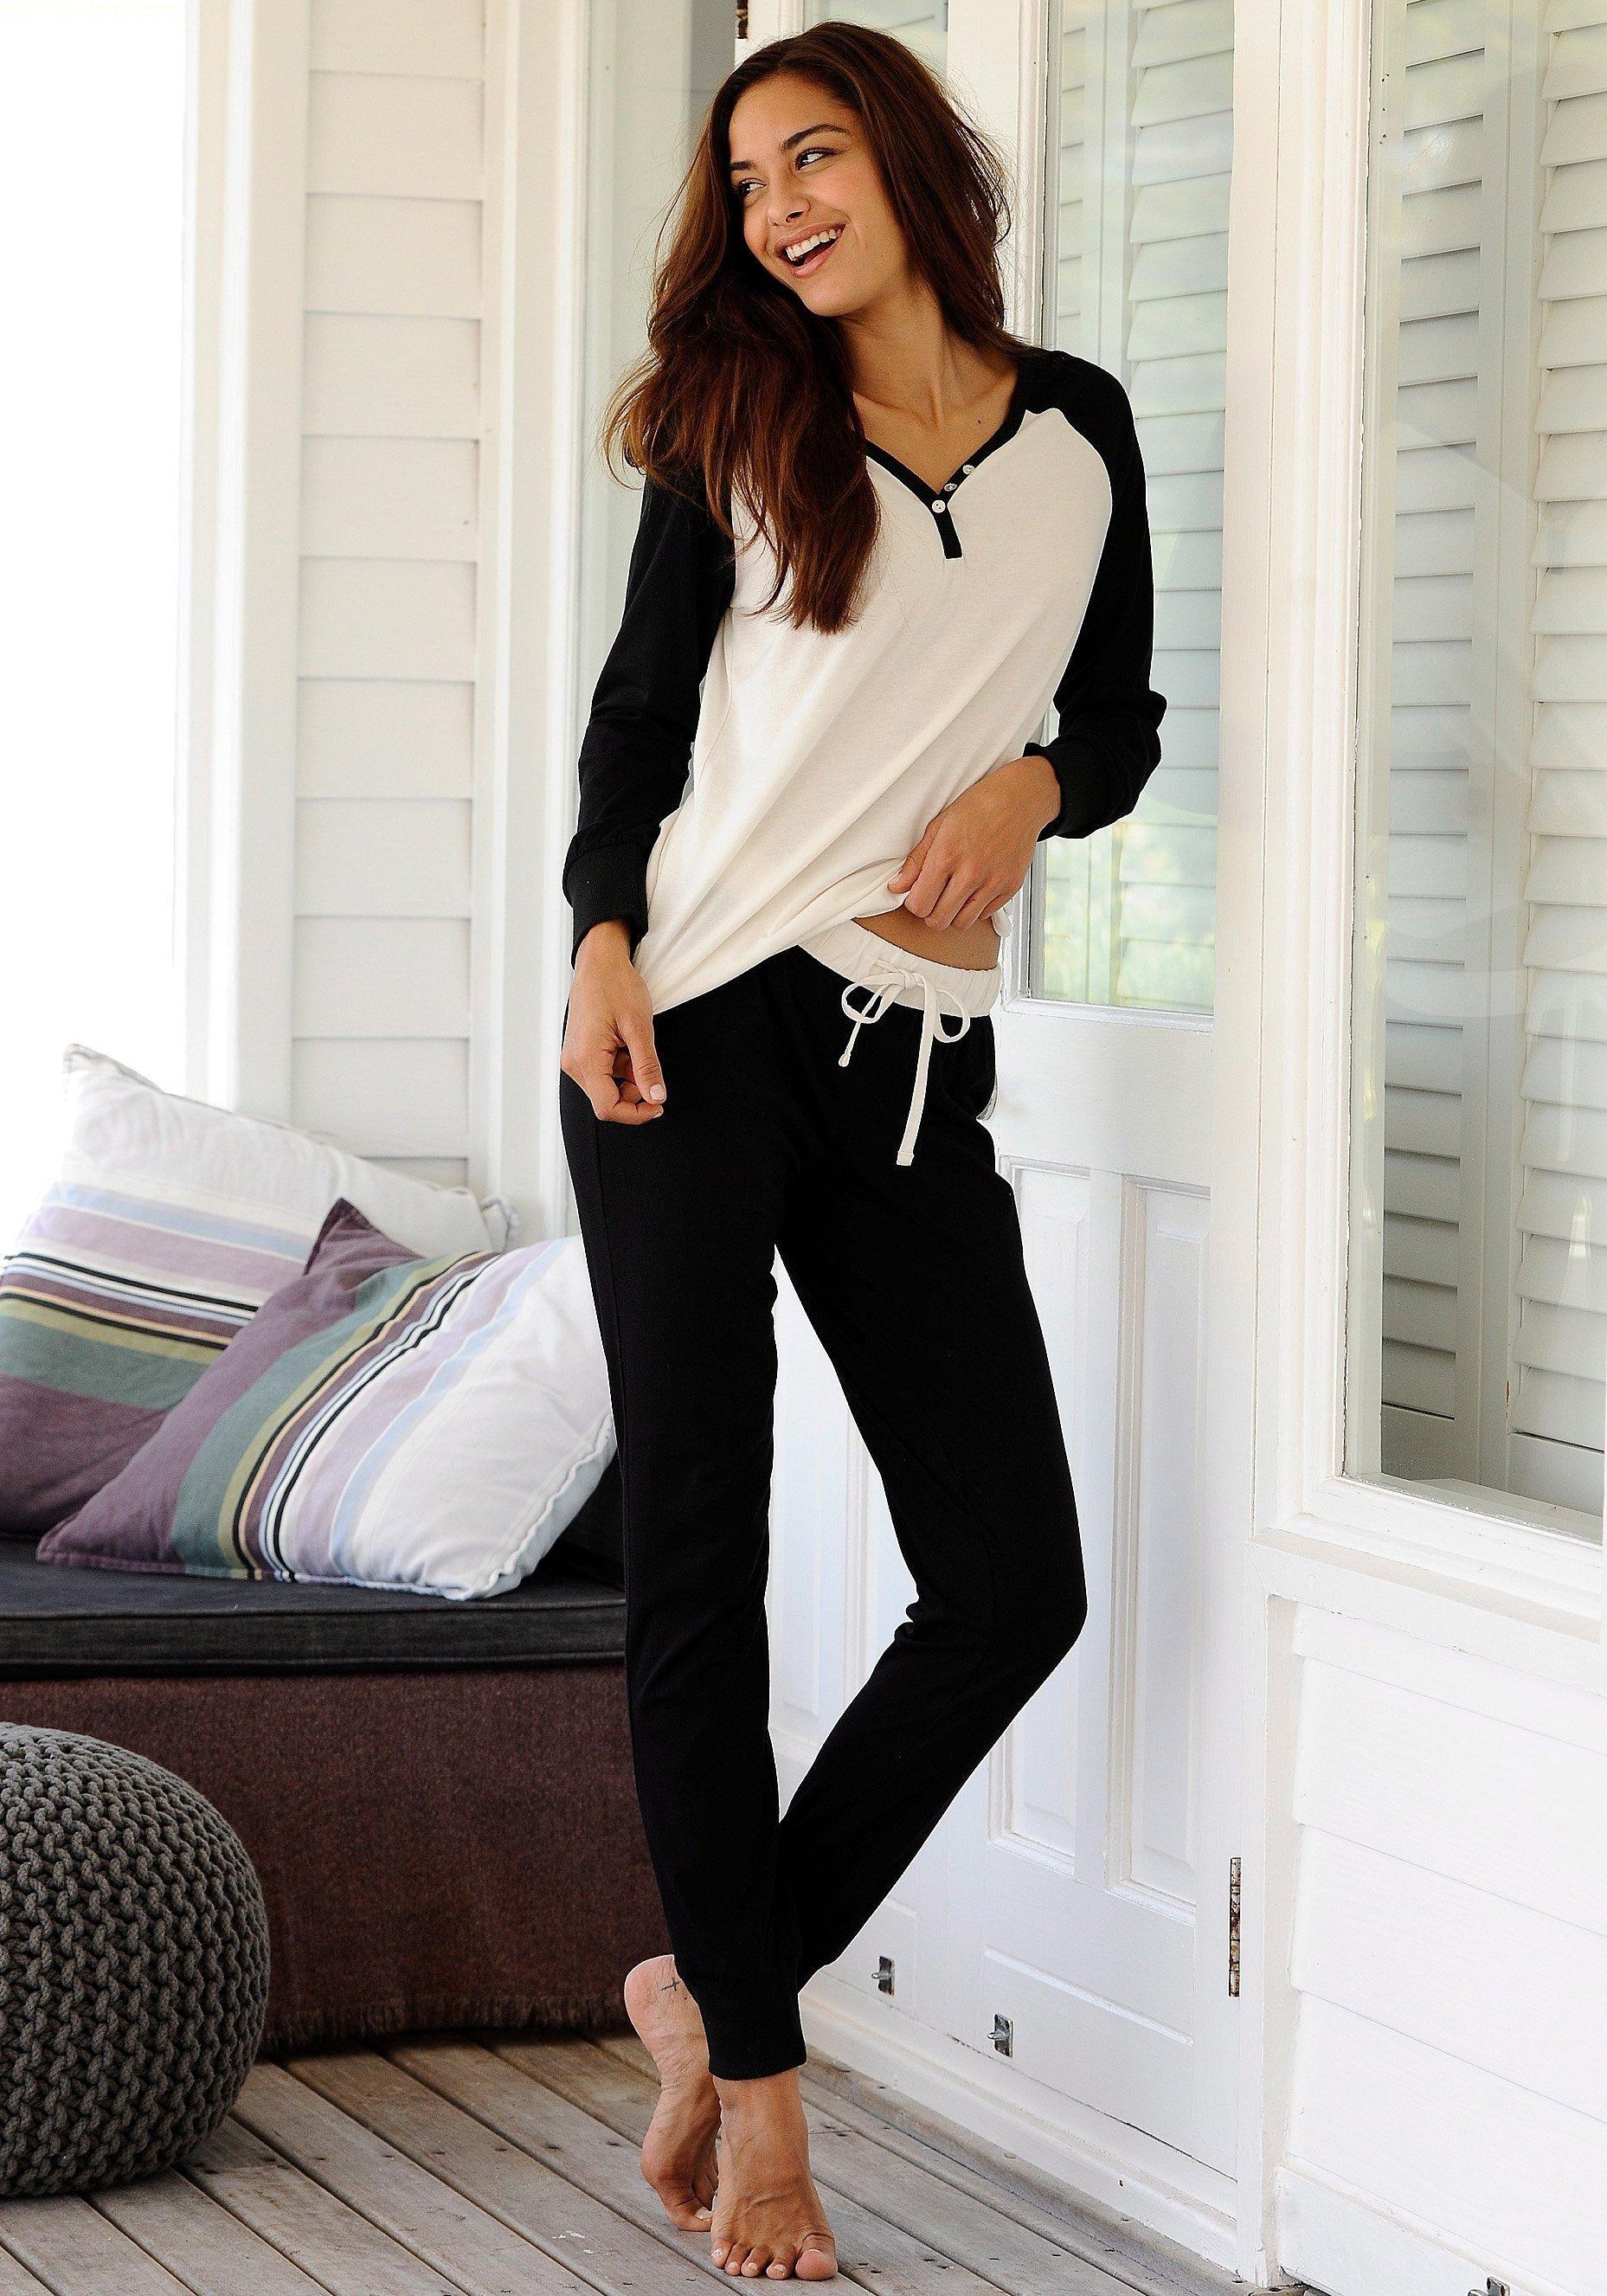 c1cba55022 Buffalo Schlafanzug in zweifarbigem Design mit Zierknöpfen | - Kategorie:  Damen Bekleidung Sale Schlafanzug Kuschelig